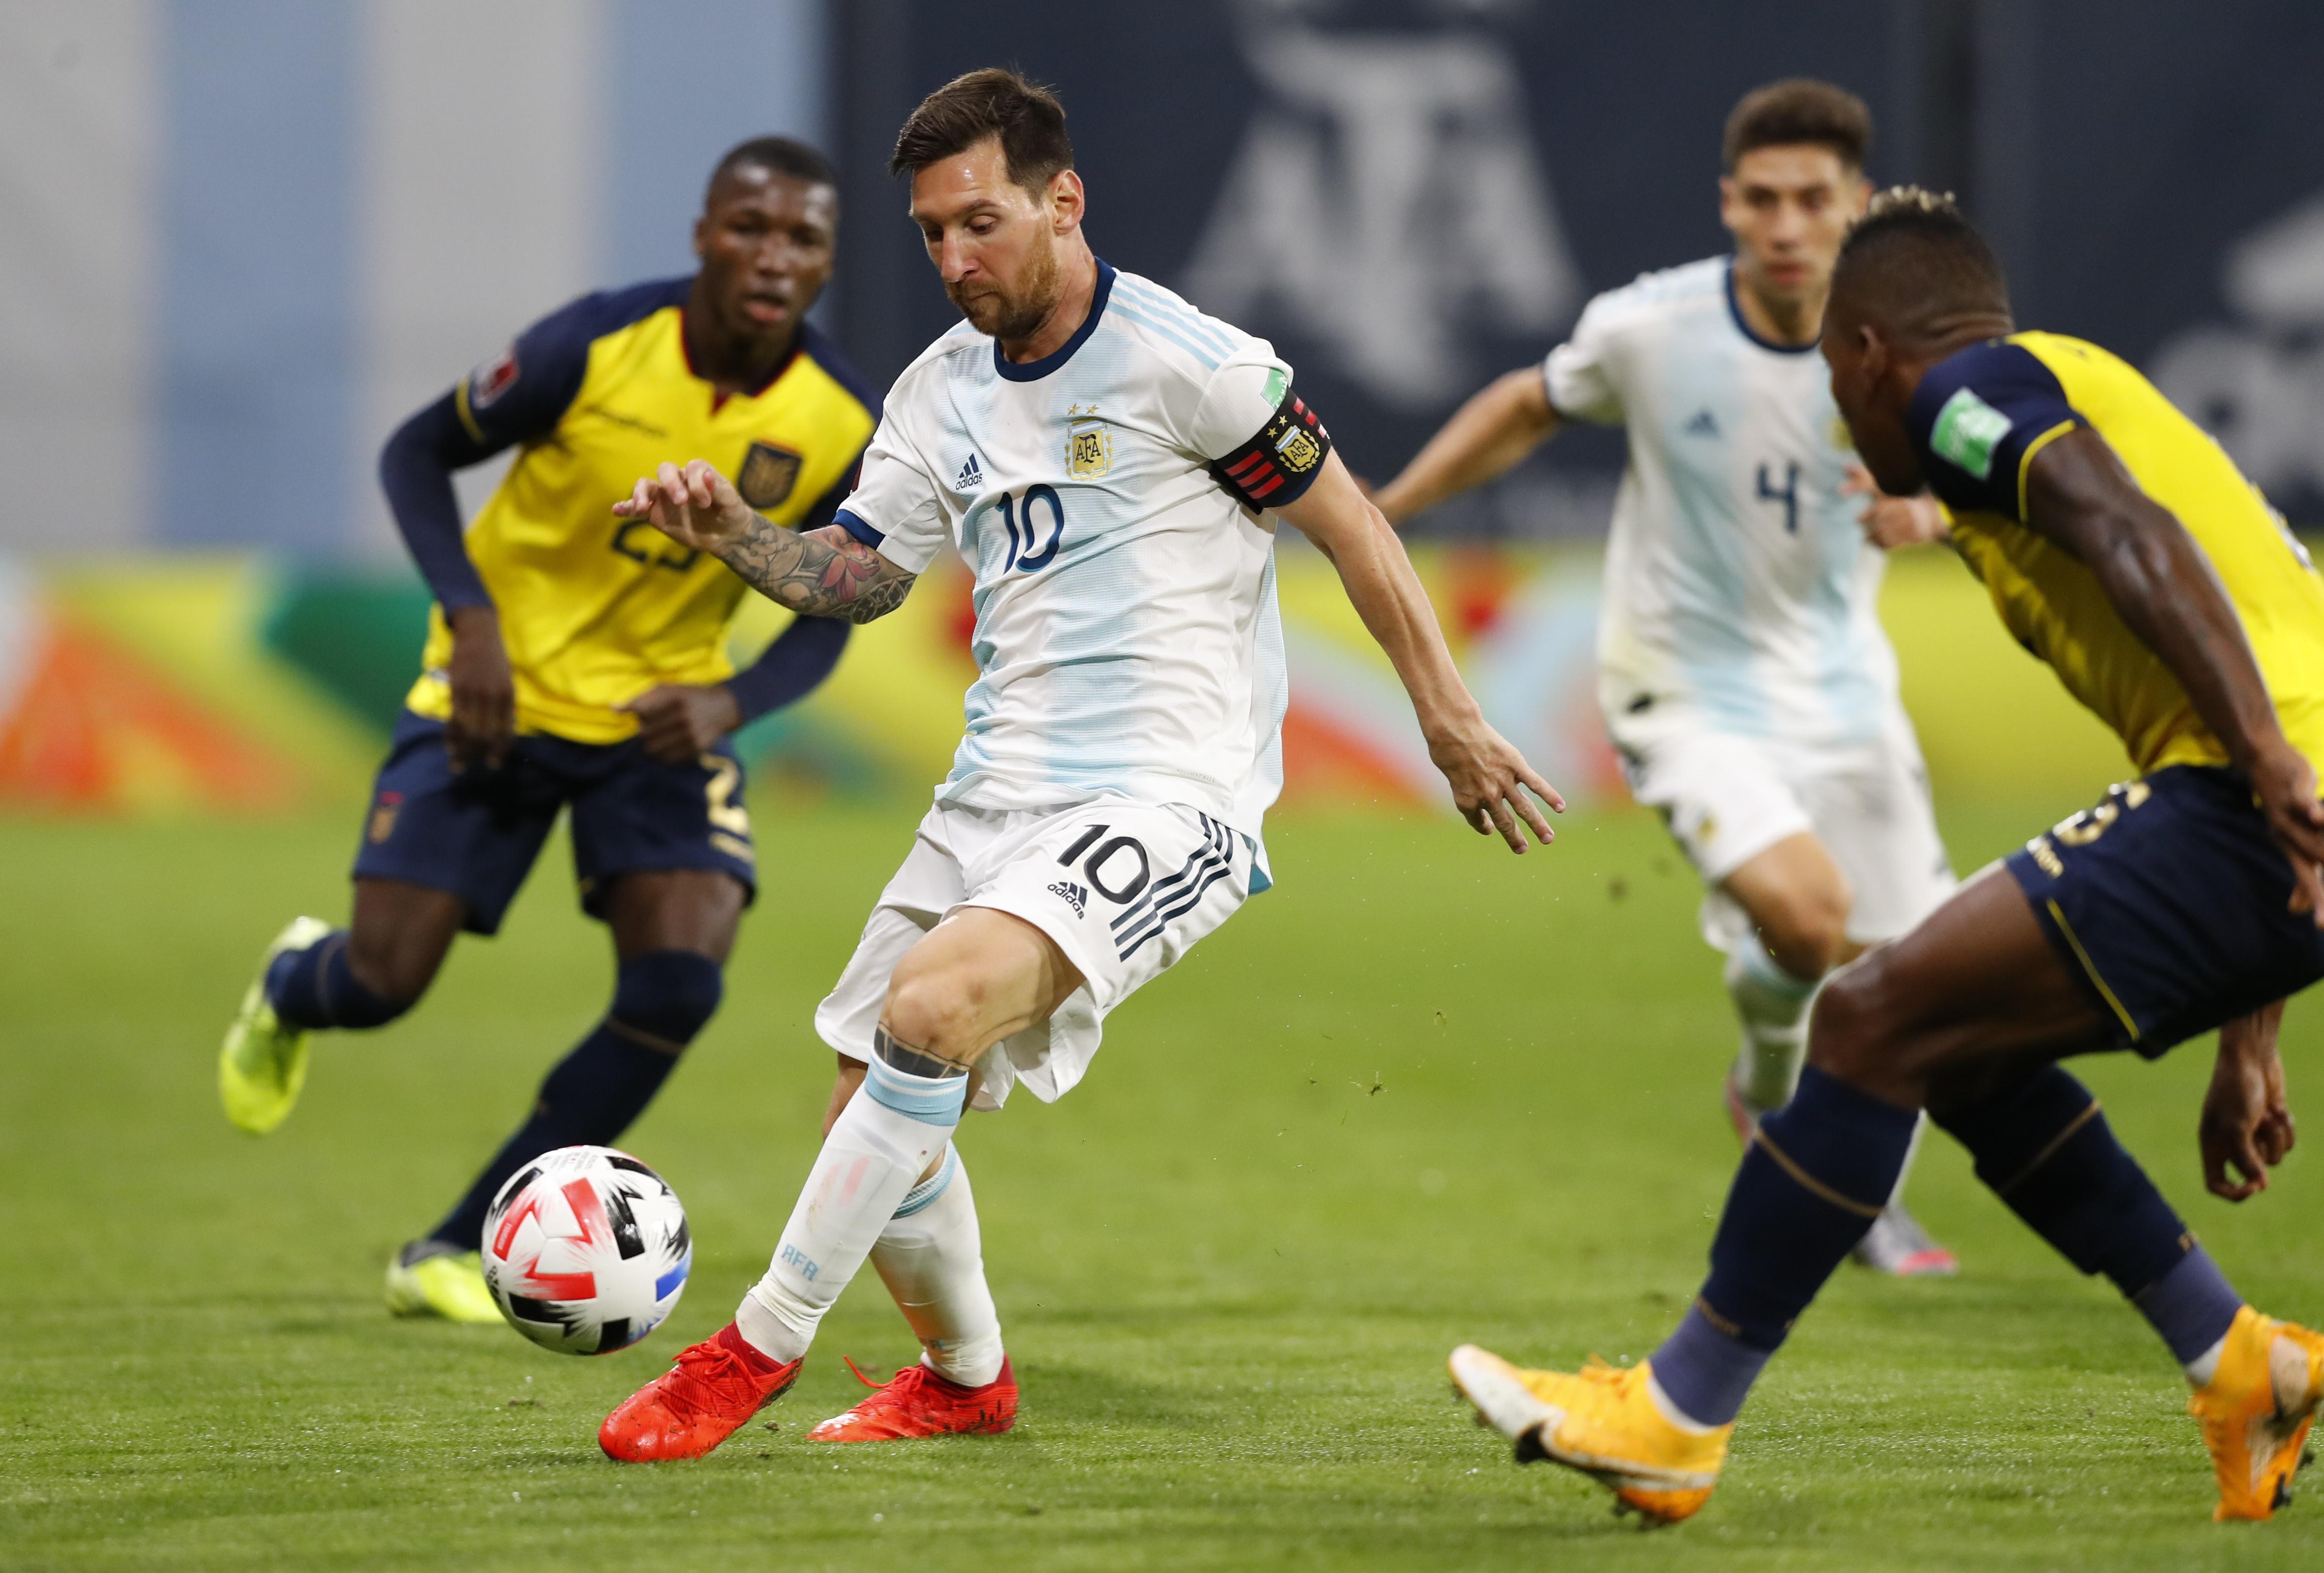 Messi rodeado por los rivales. En un momento del partido le reclamó al árbitro por los roces permanentes de la visita (REUTERS/Agustin Marcarian)